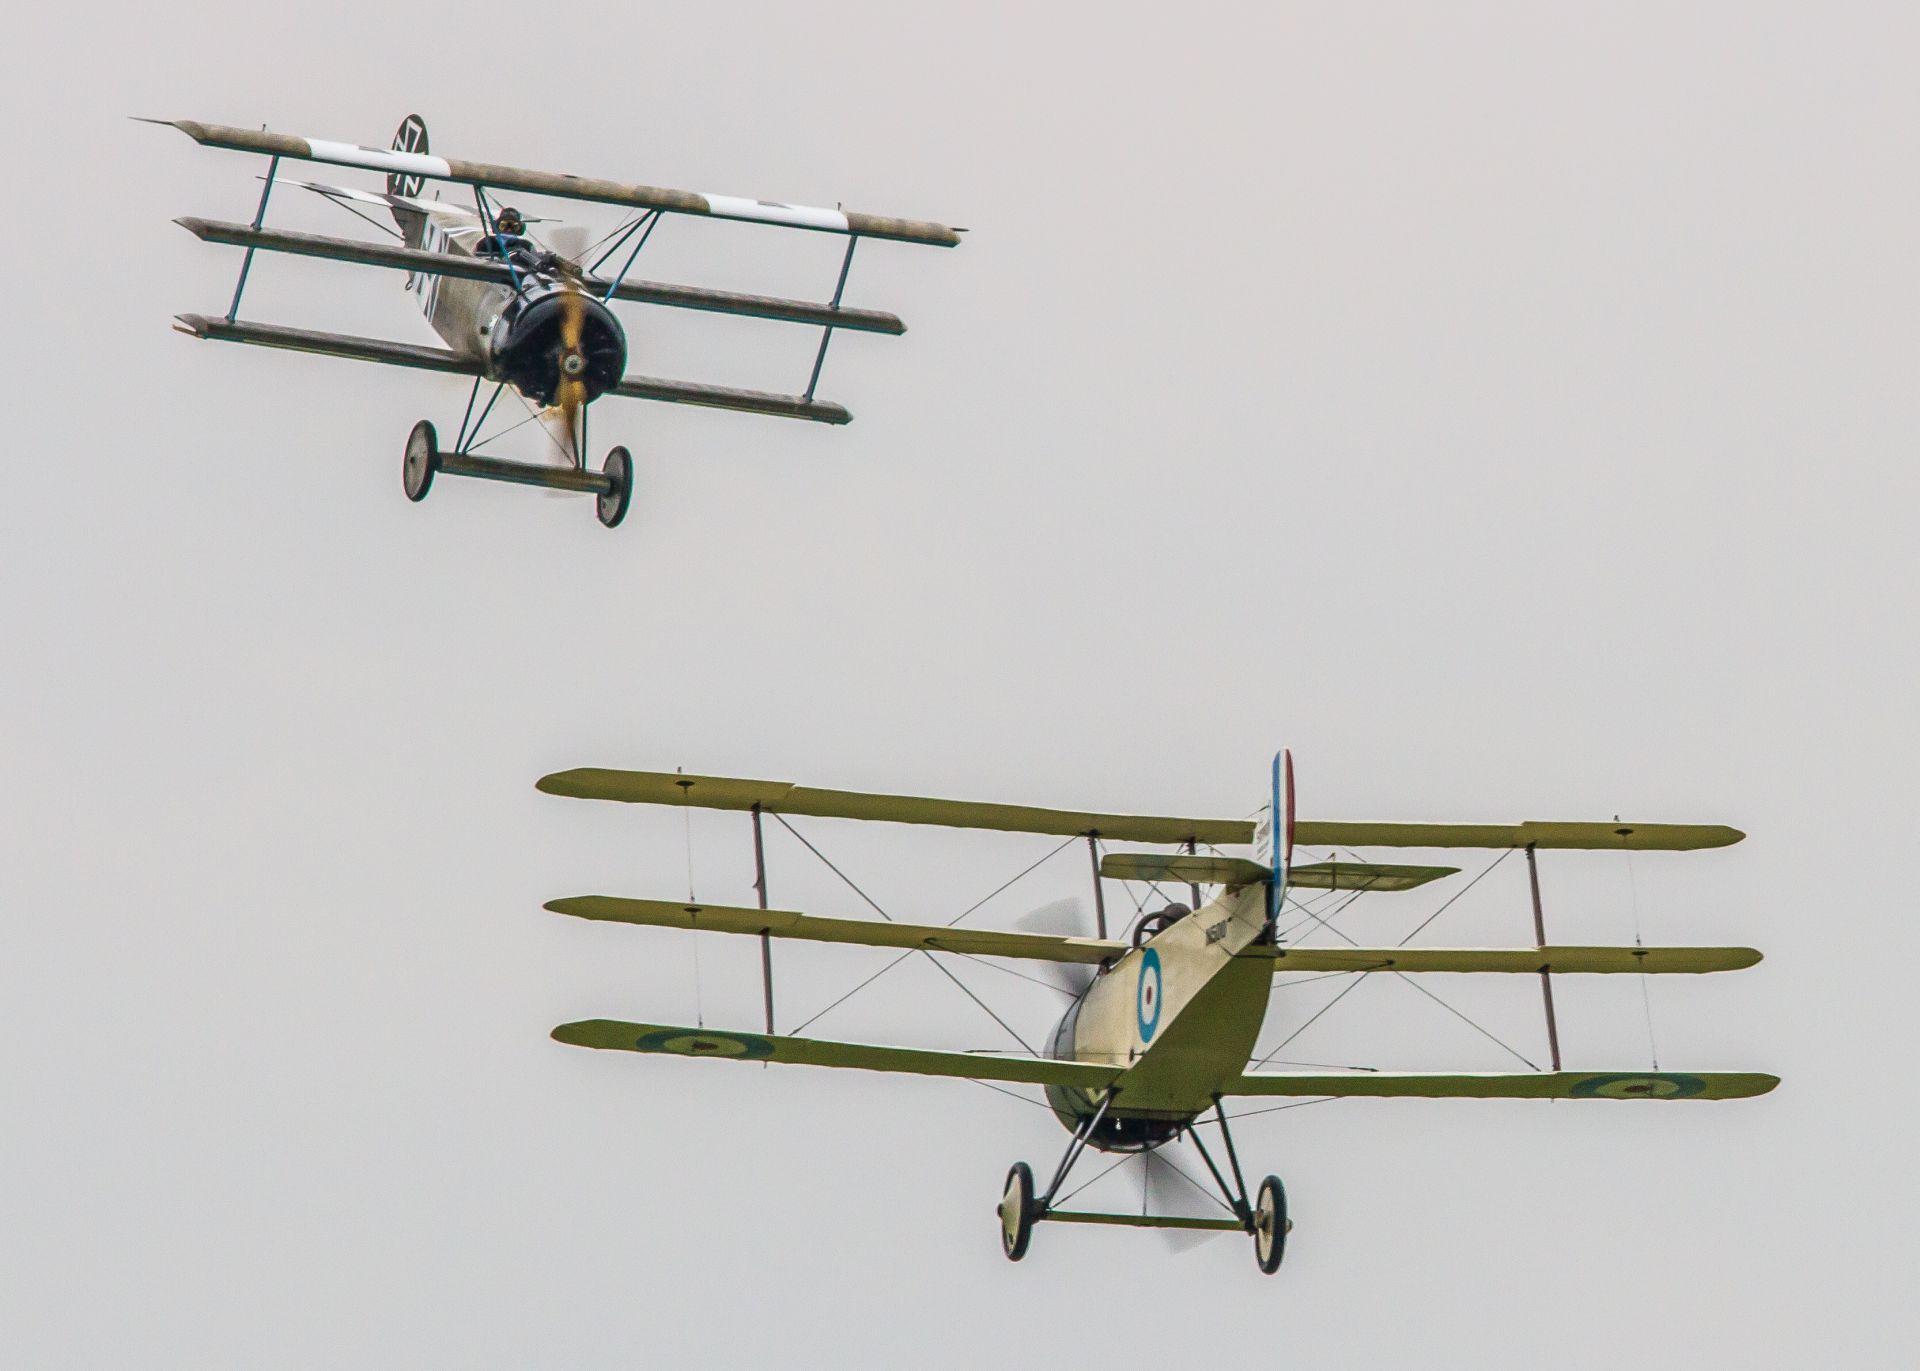 """14 септември 2014 г. Авиошоу в Кеймбриджшър, Англия. Брус Дикинсън (горе) управлява реплика на легендарния триплан Fokker Dr1, на който, по време на Първата световна война, е летял германският пилот Манфред фон Рихтхофен, известен като Червения барон, смятан и до днес за """"Асът на асовете"""". Дикинсън е страстен колекционер такива самолети."""